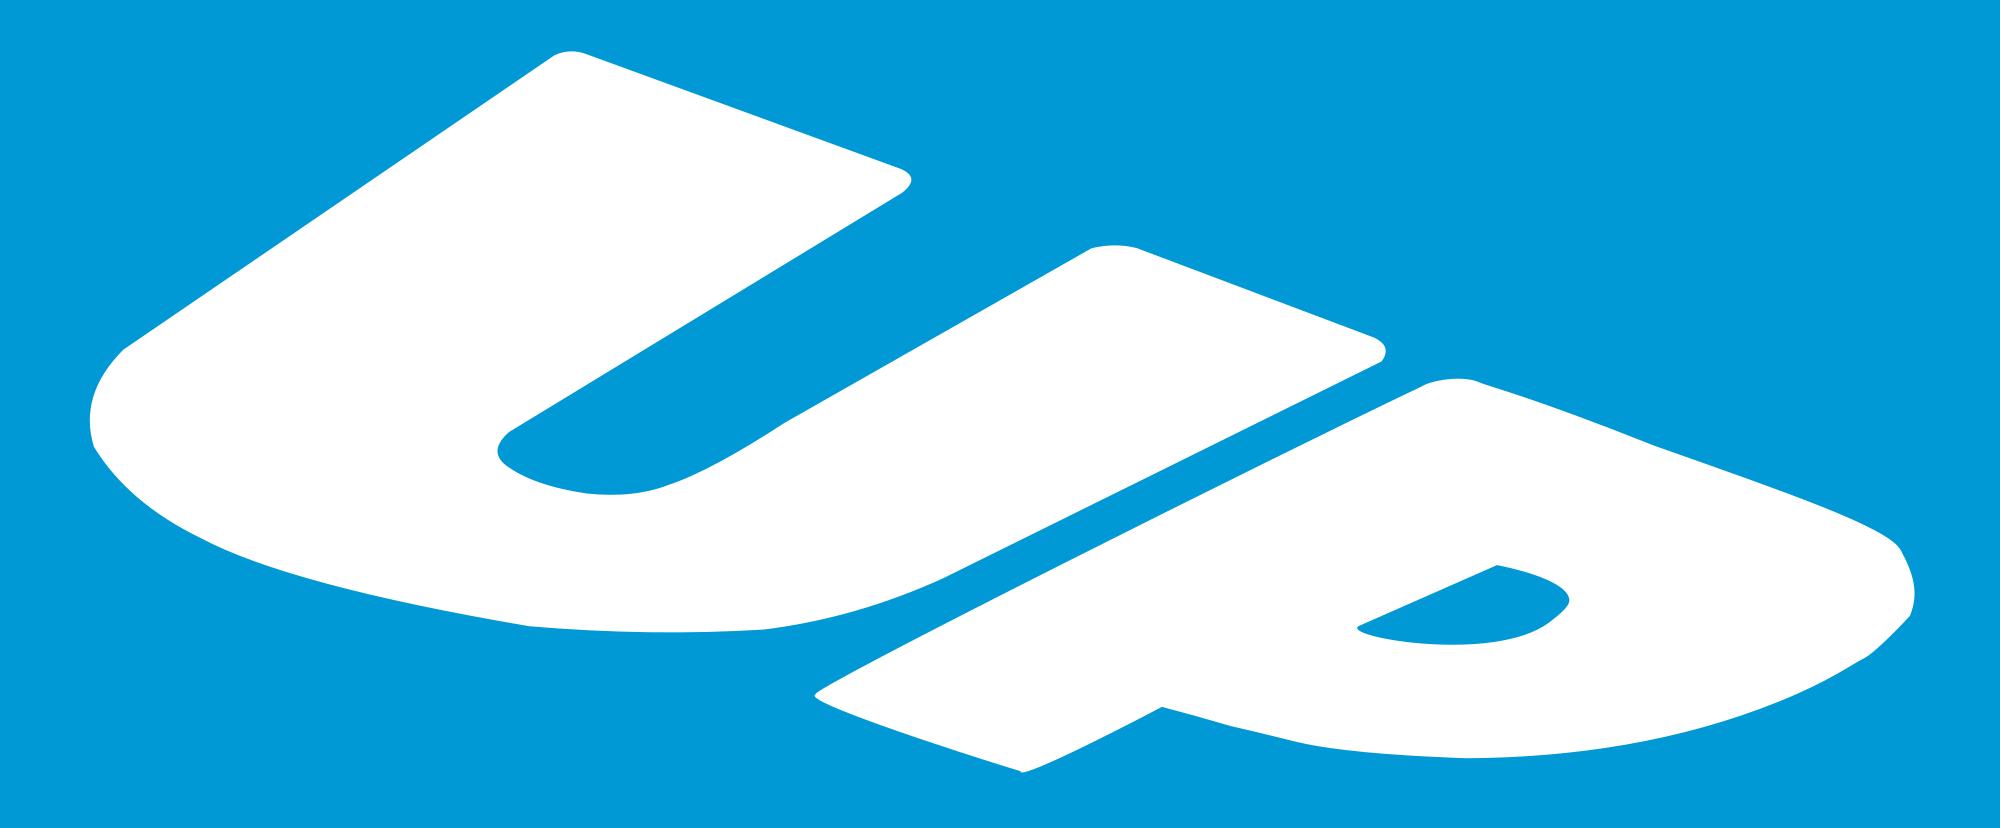 File Up Movie Svg Tech Company Logos Company Logo Vimeo Logo